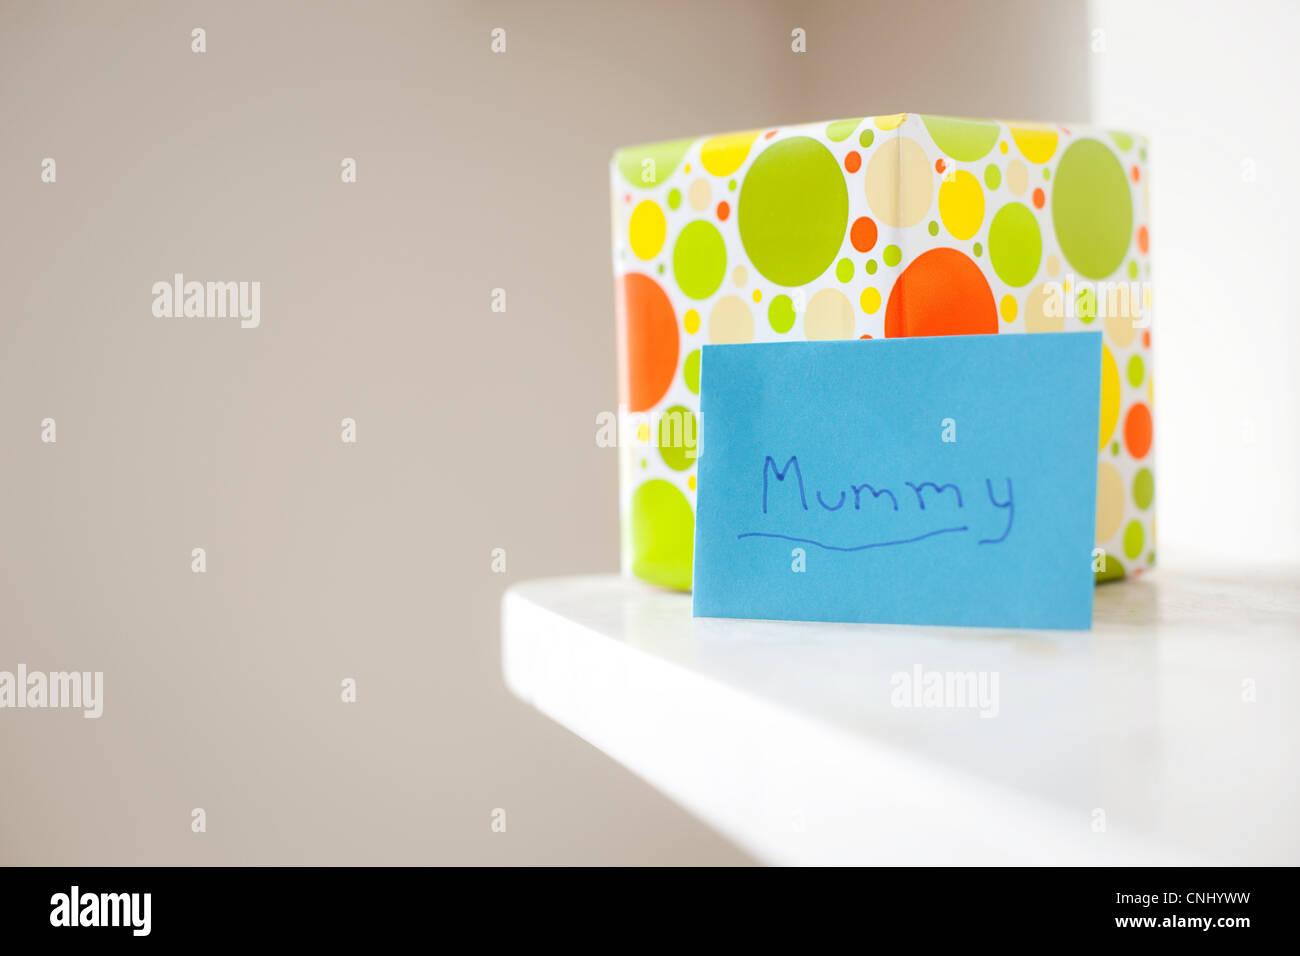 """Y una tarjeta de regalo con el """"maniquí"""" escrito en él Imagen De Stock"""